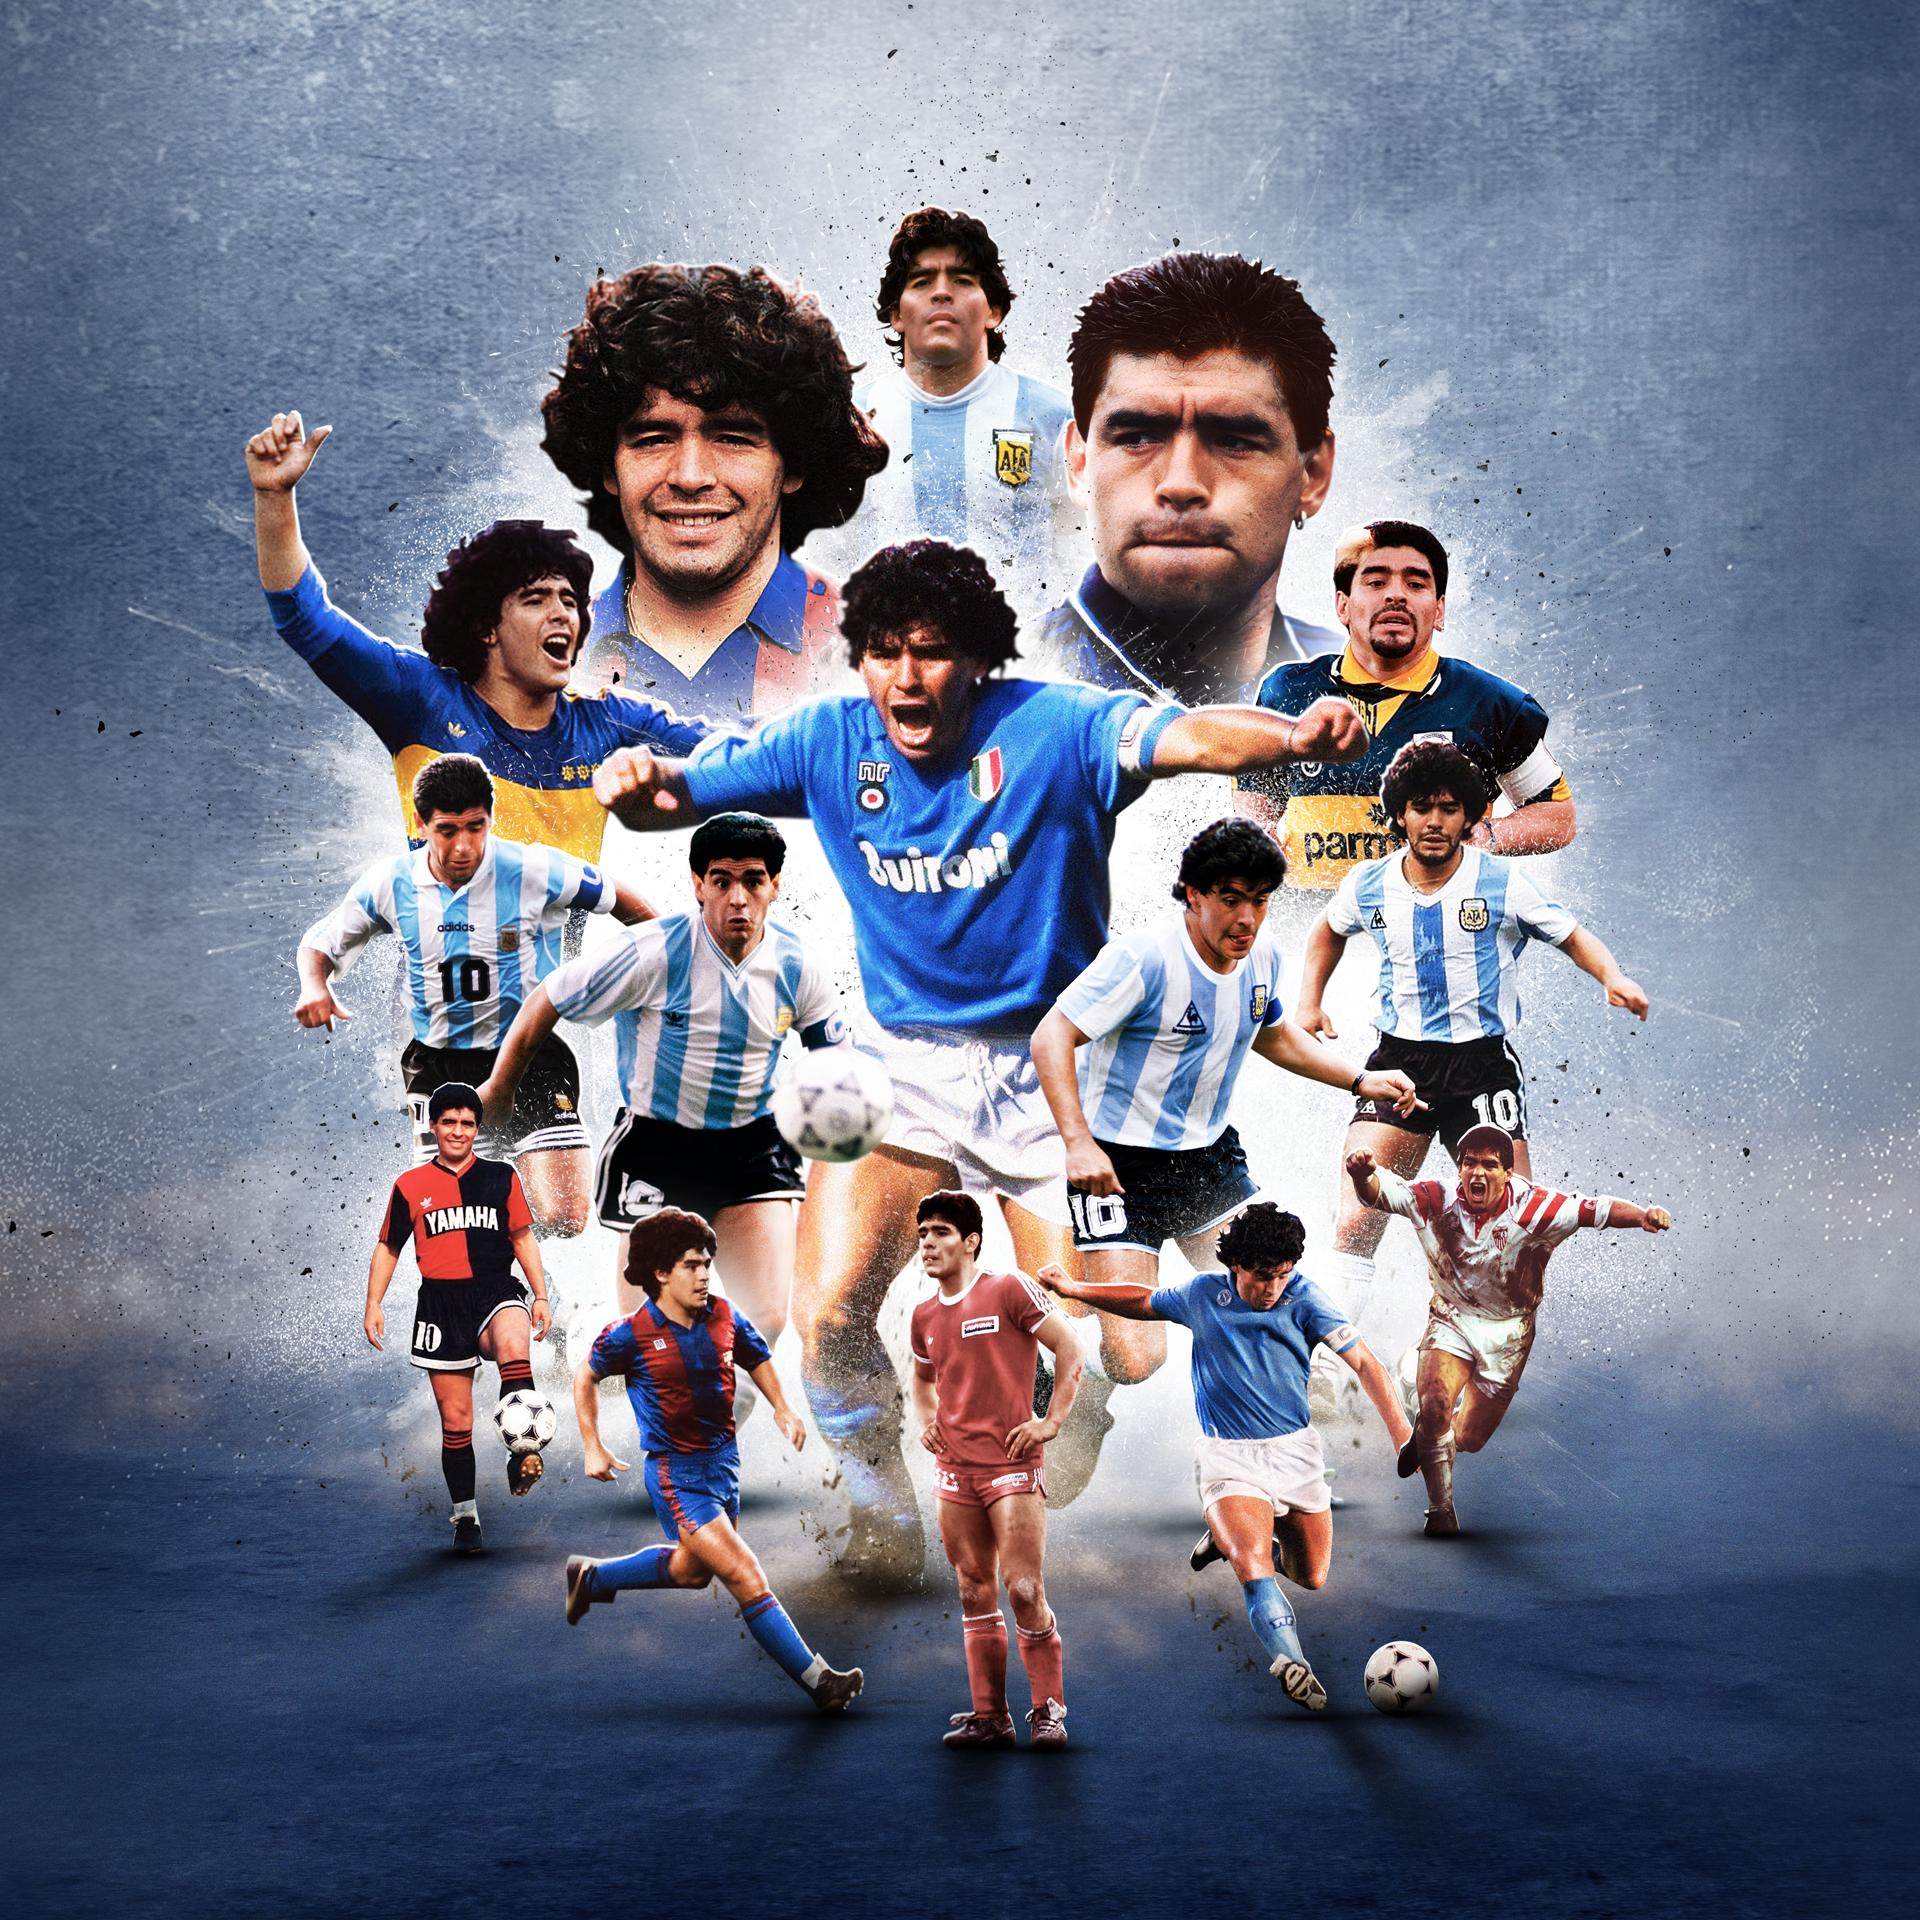 MARADONA COLLAGE | Fotos de fútbol, Arquero de futbol, Diego maradona